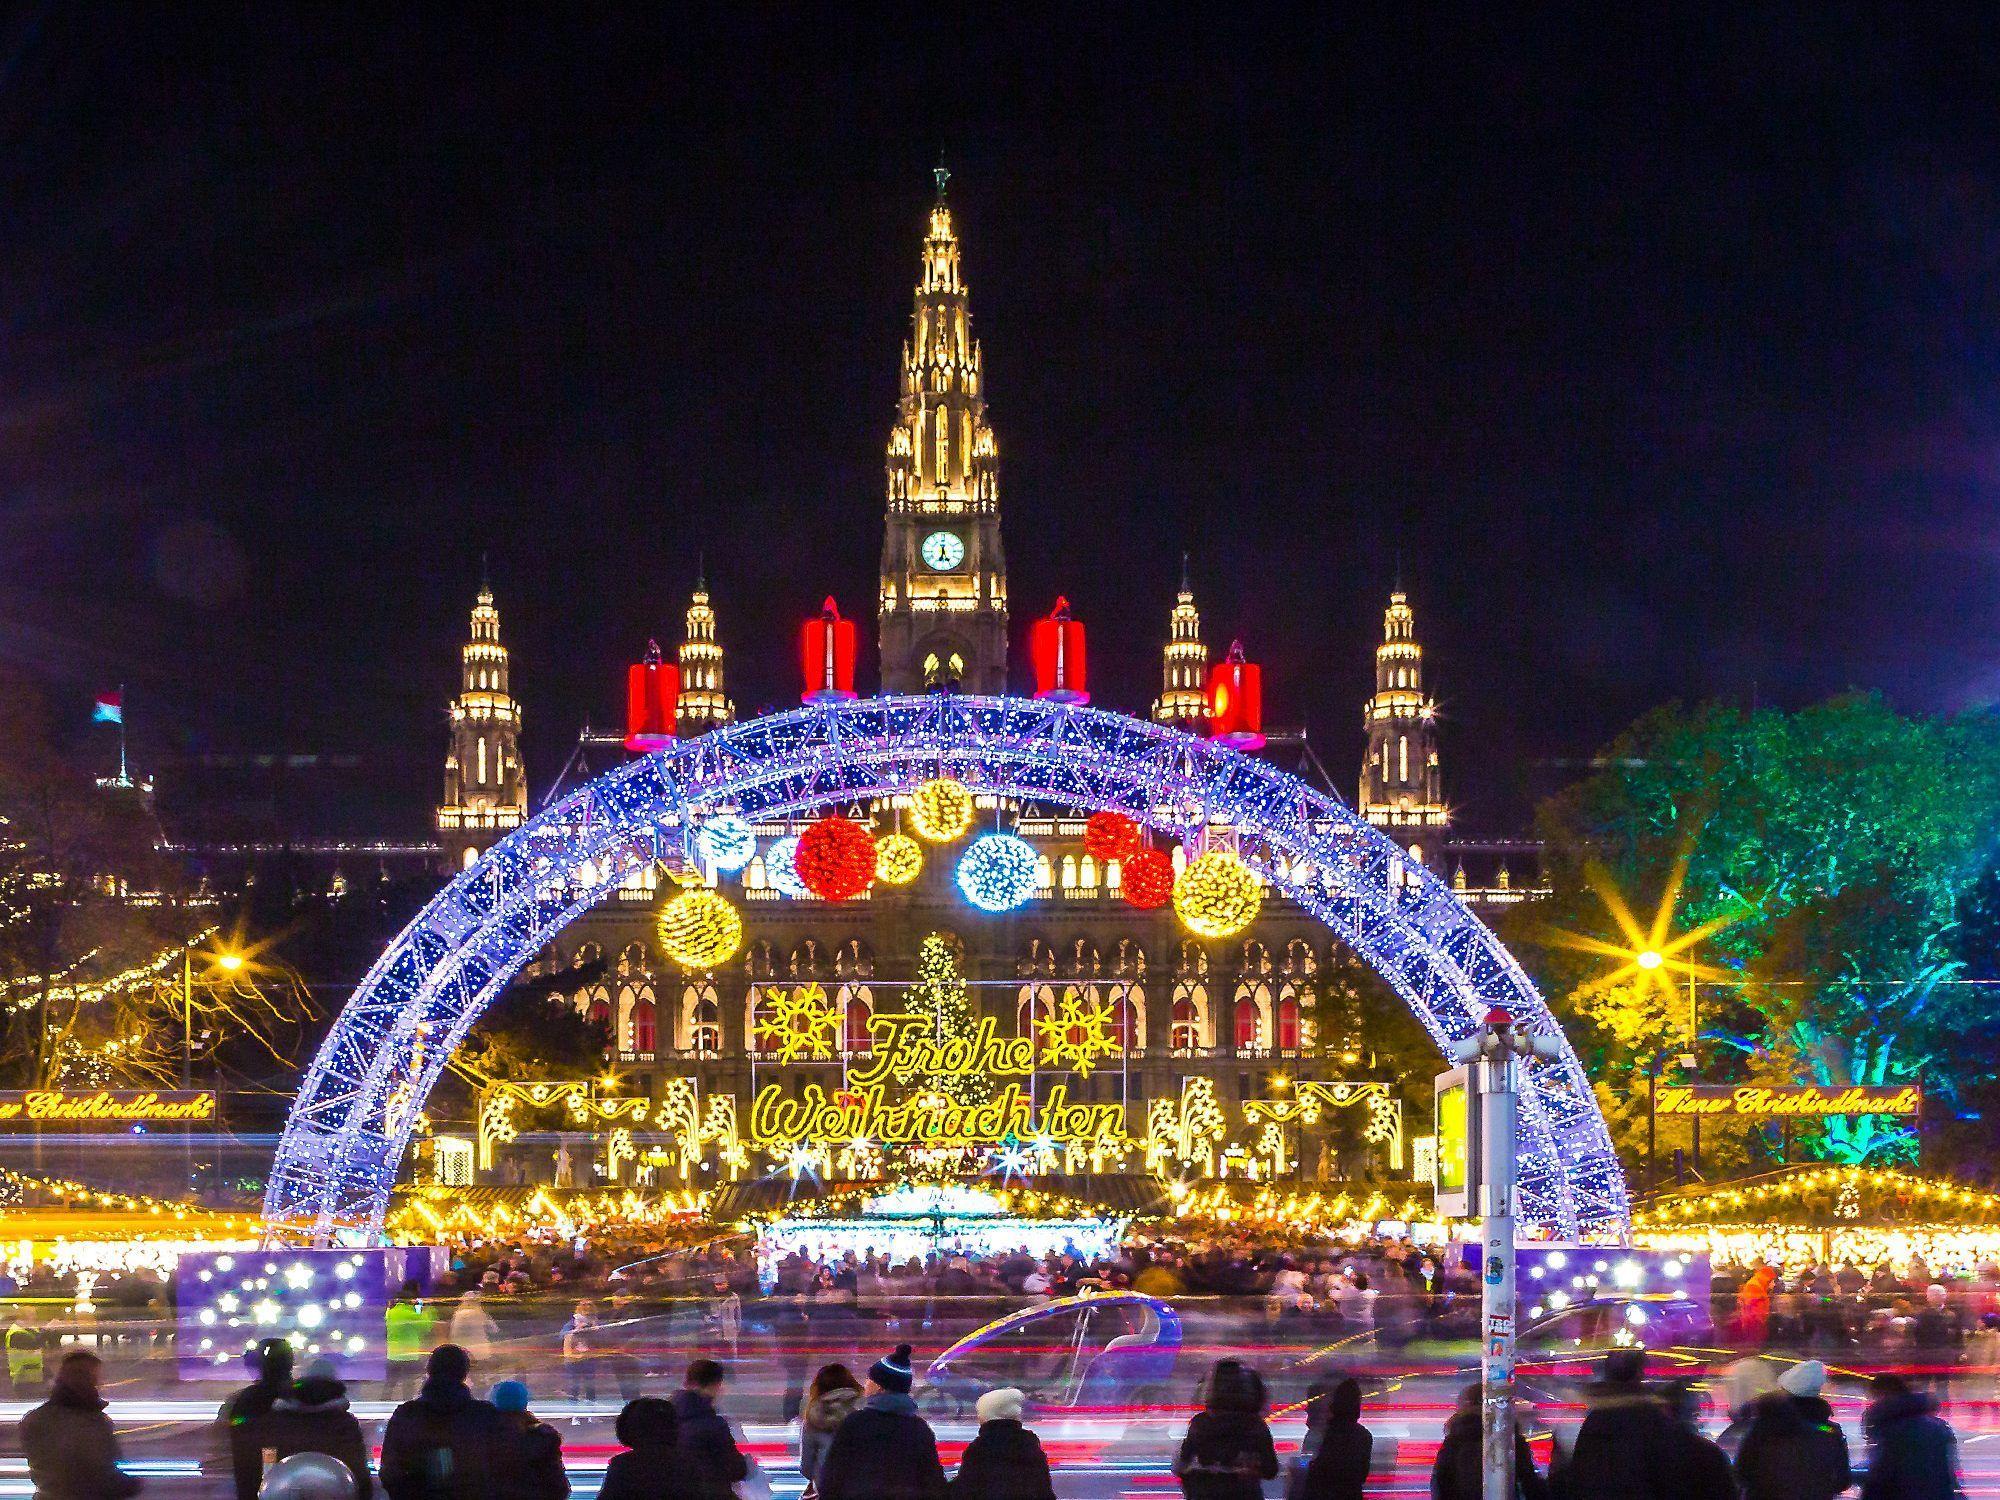 Weihnachtsmarkt Wien Eröffnung.Wiener Weihnachtstraum 2018 Eröffnet Am 16 November Das Programm